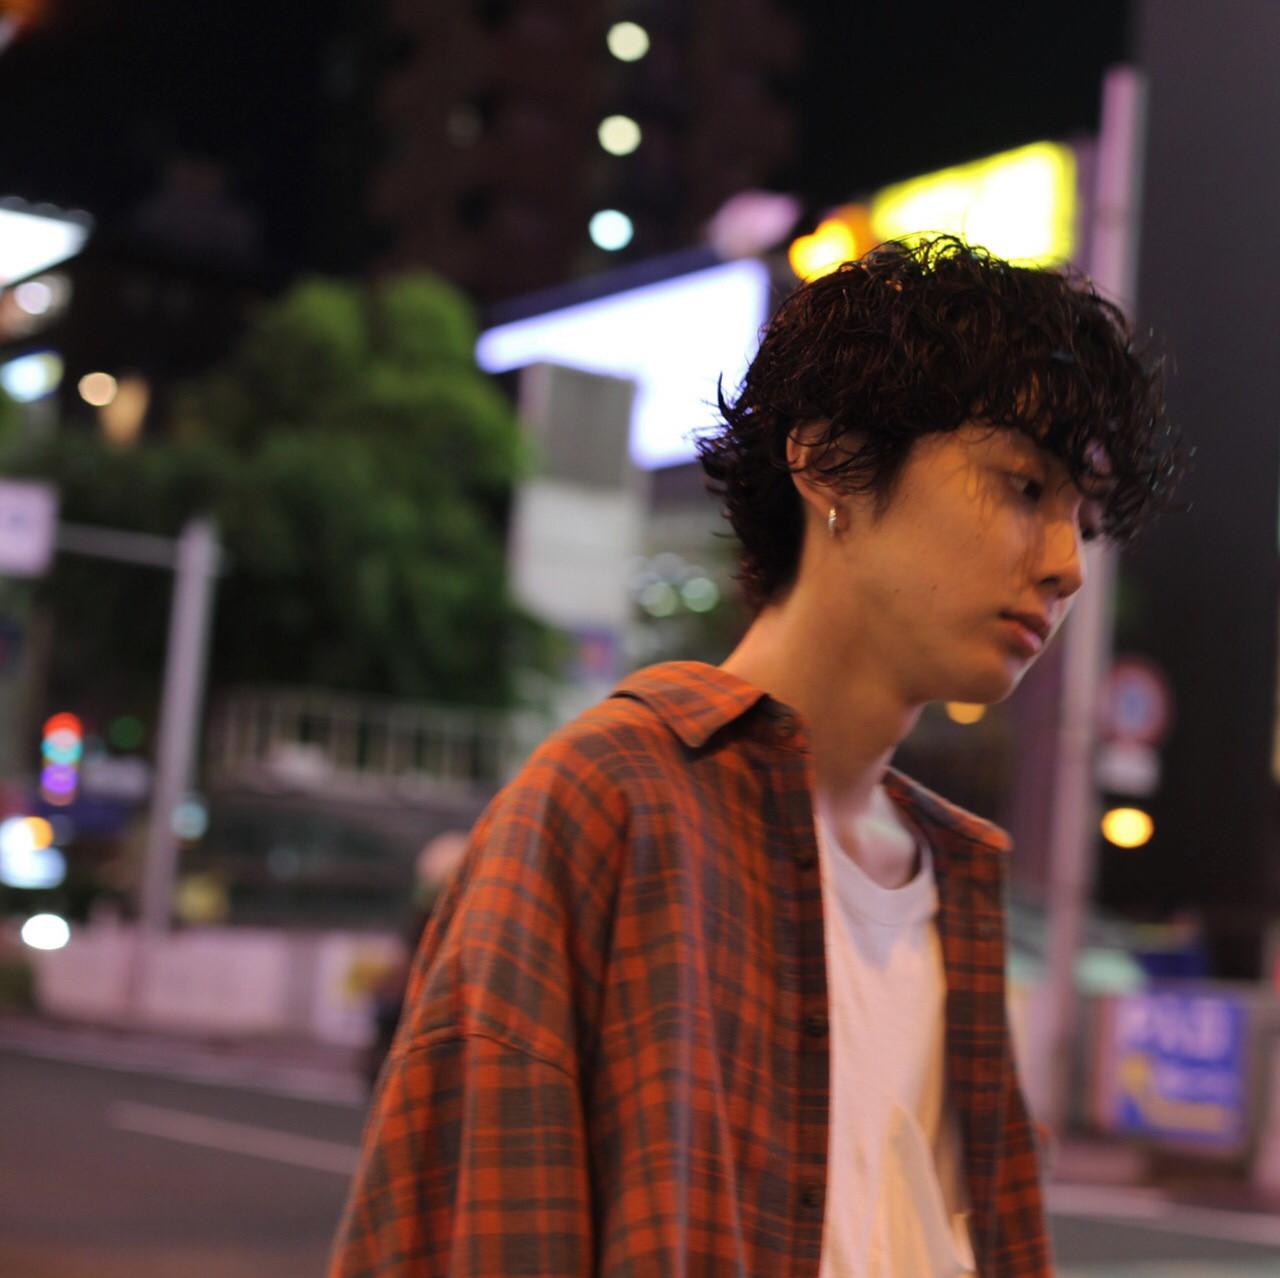 チェックシャツを羽織った黒髪パーマのイケメン男性